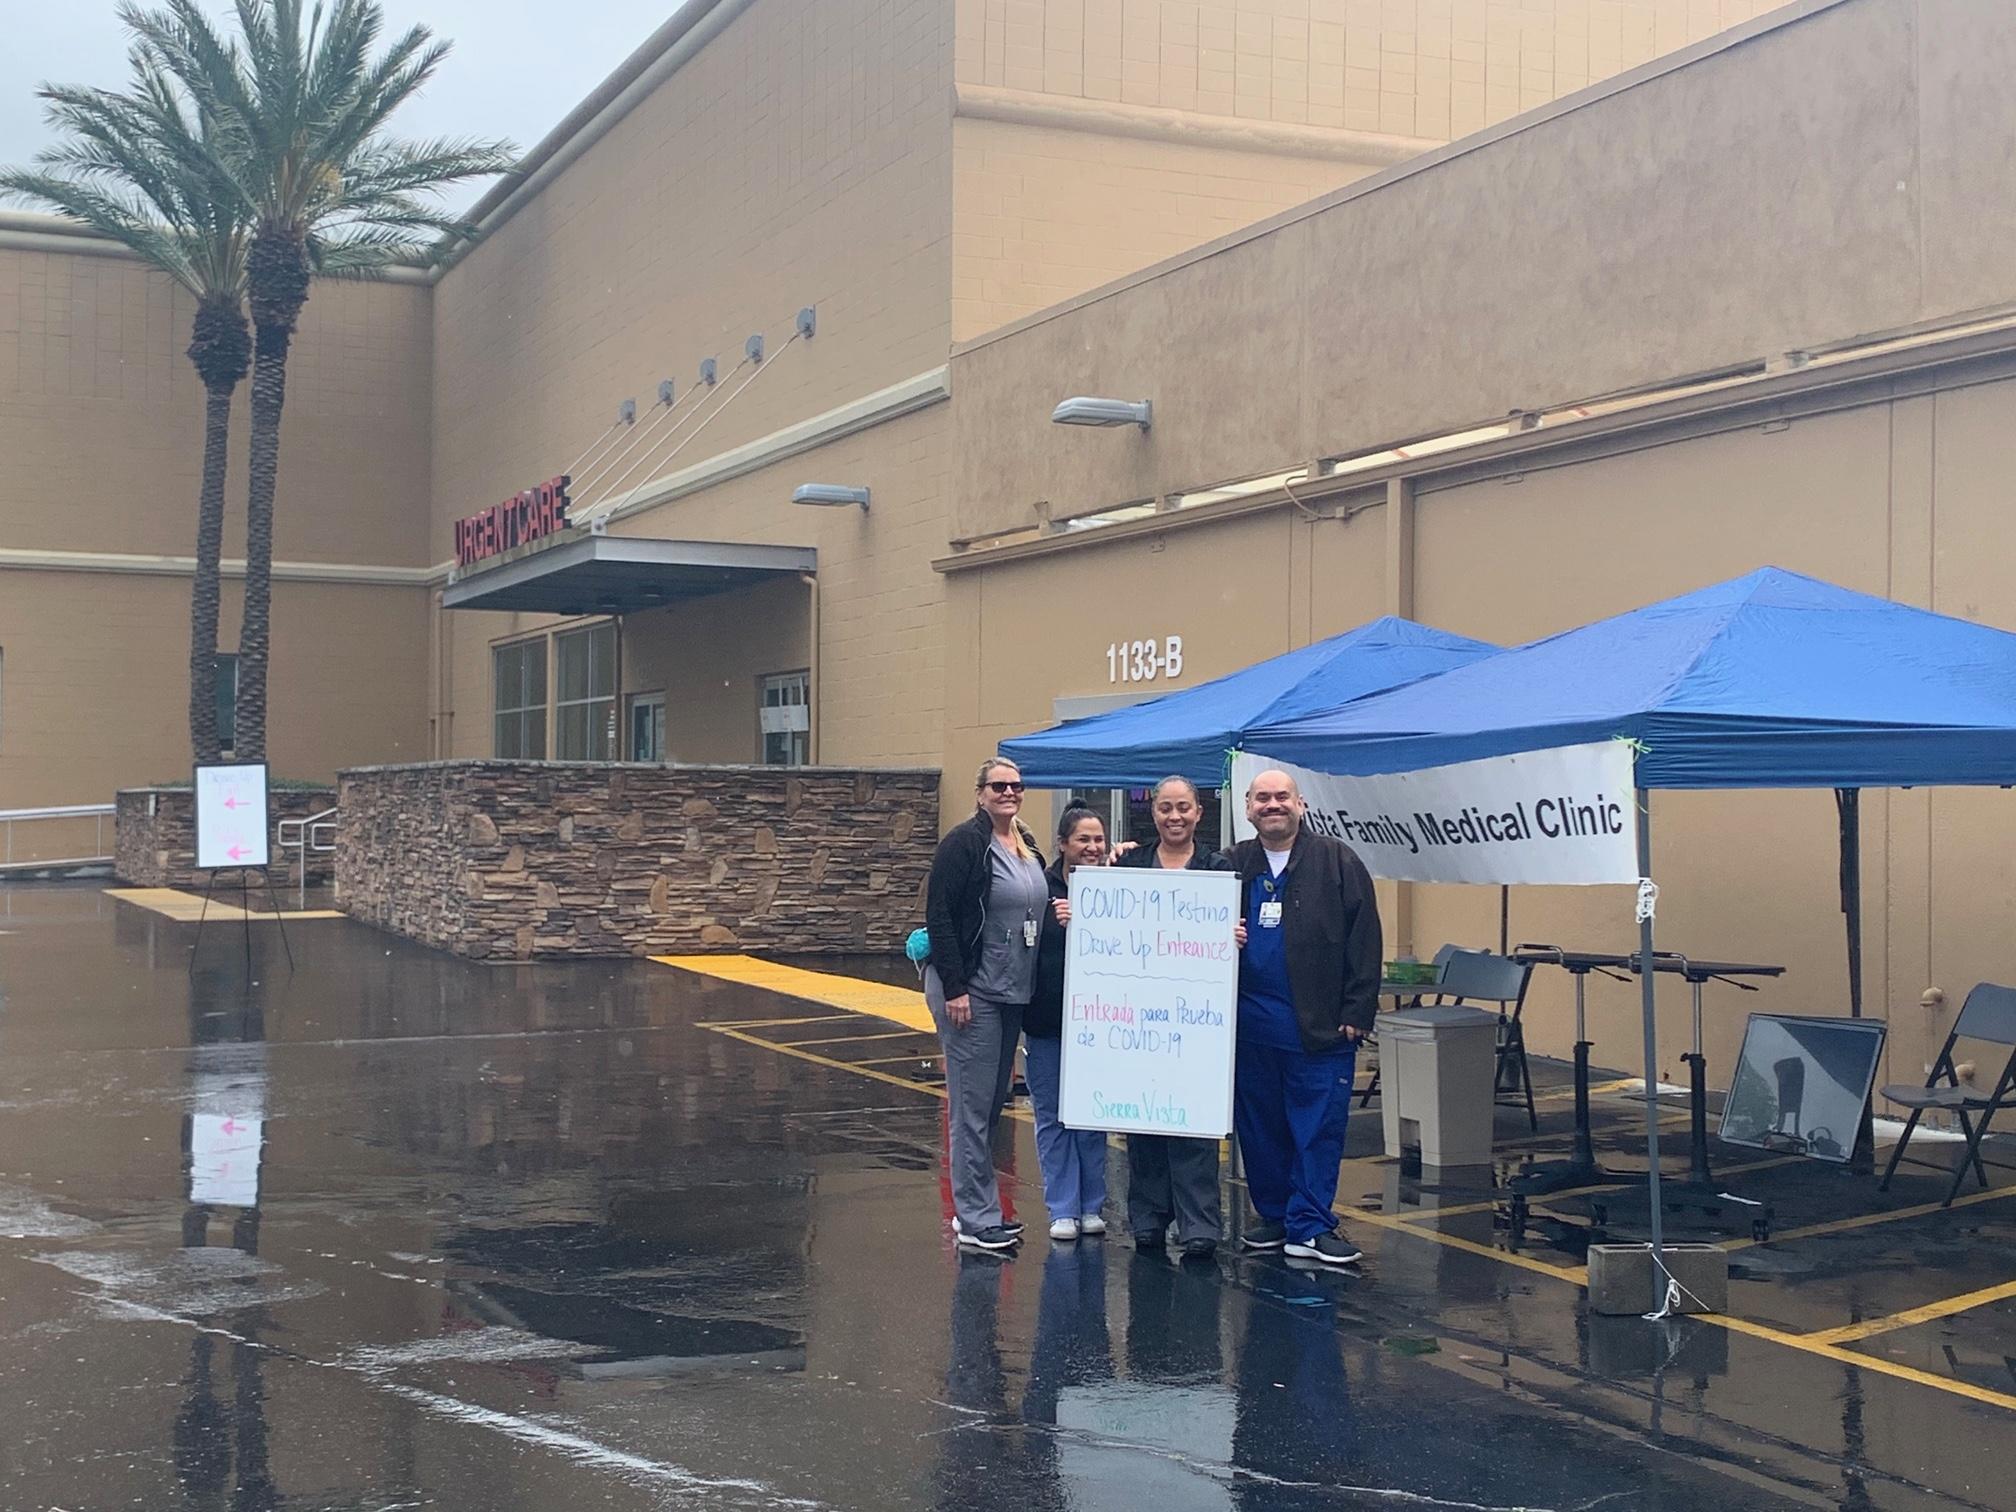 More Coronavirus drive-thru test in Ventura County